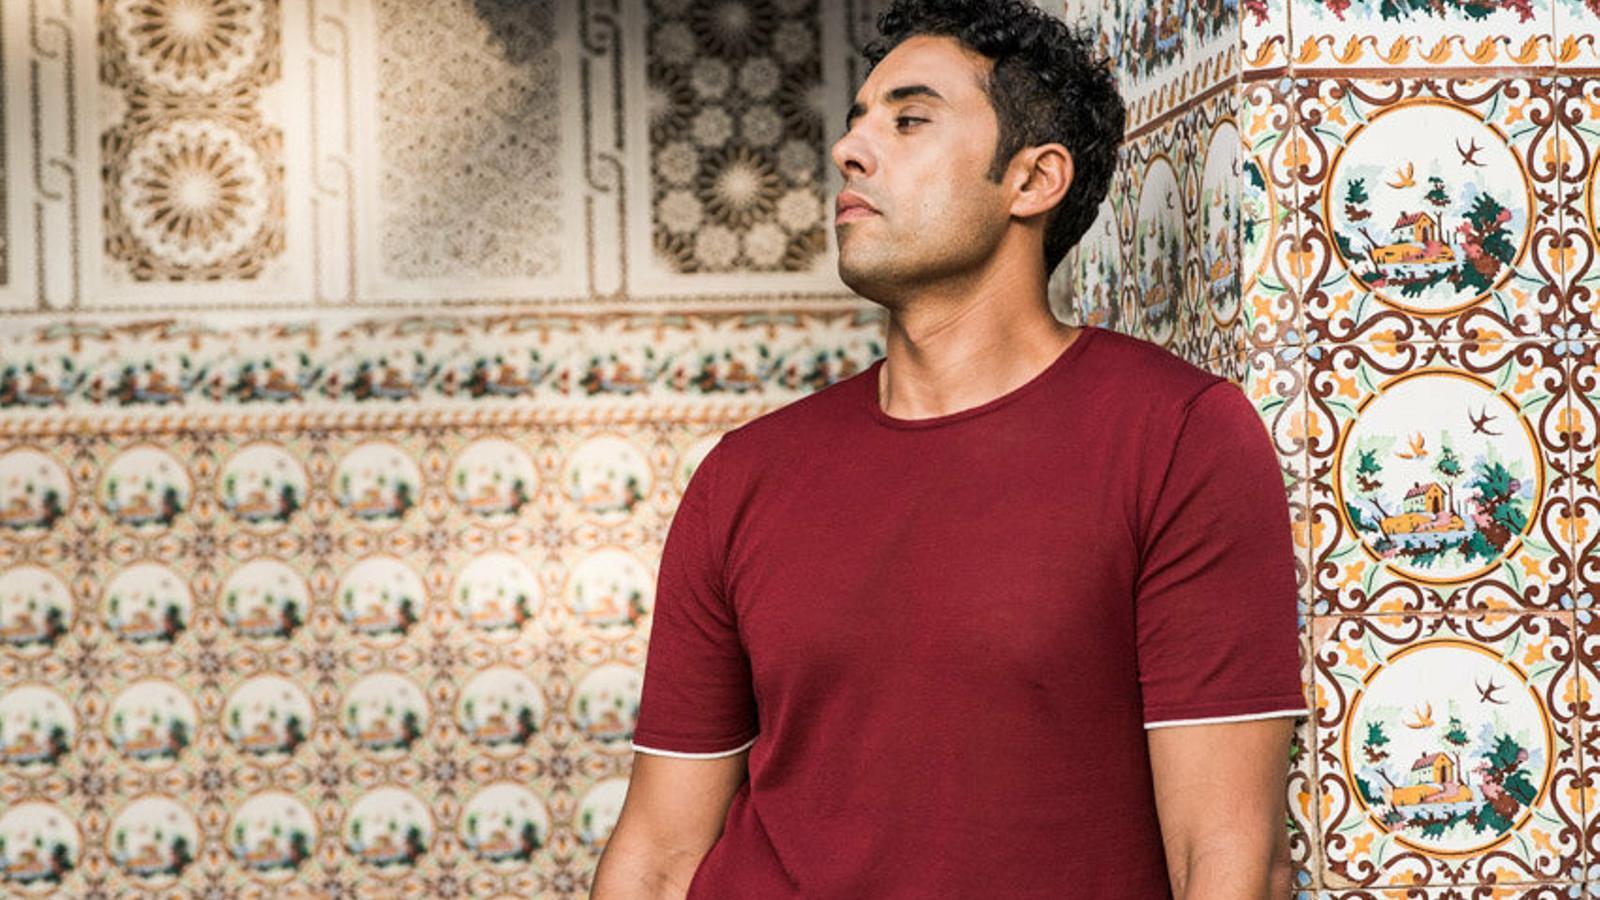 Ahmed Soultan a punt per a la internacionalització de la seva música.